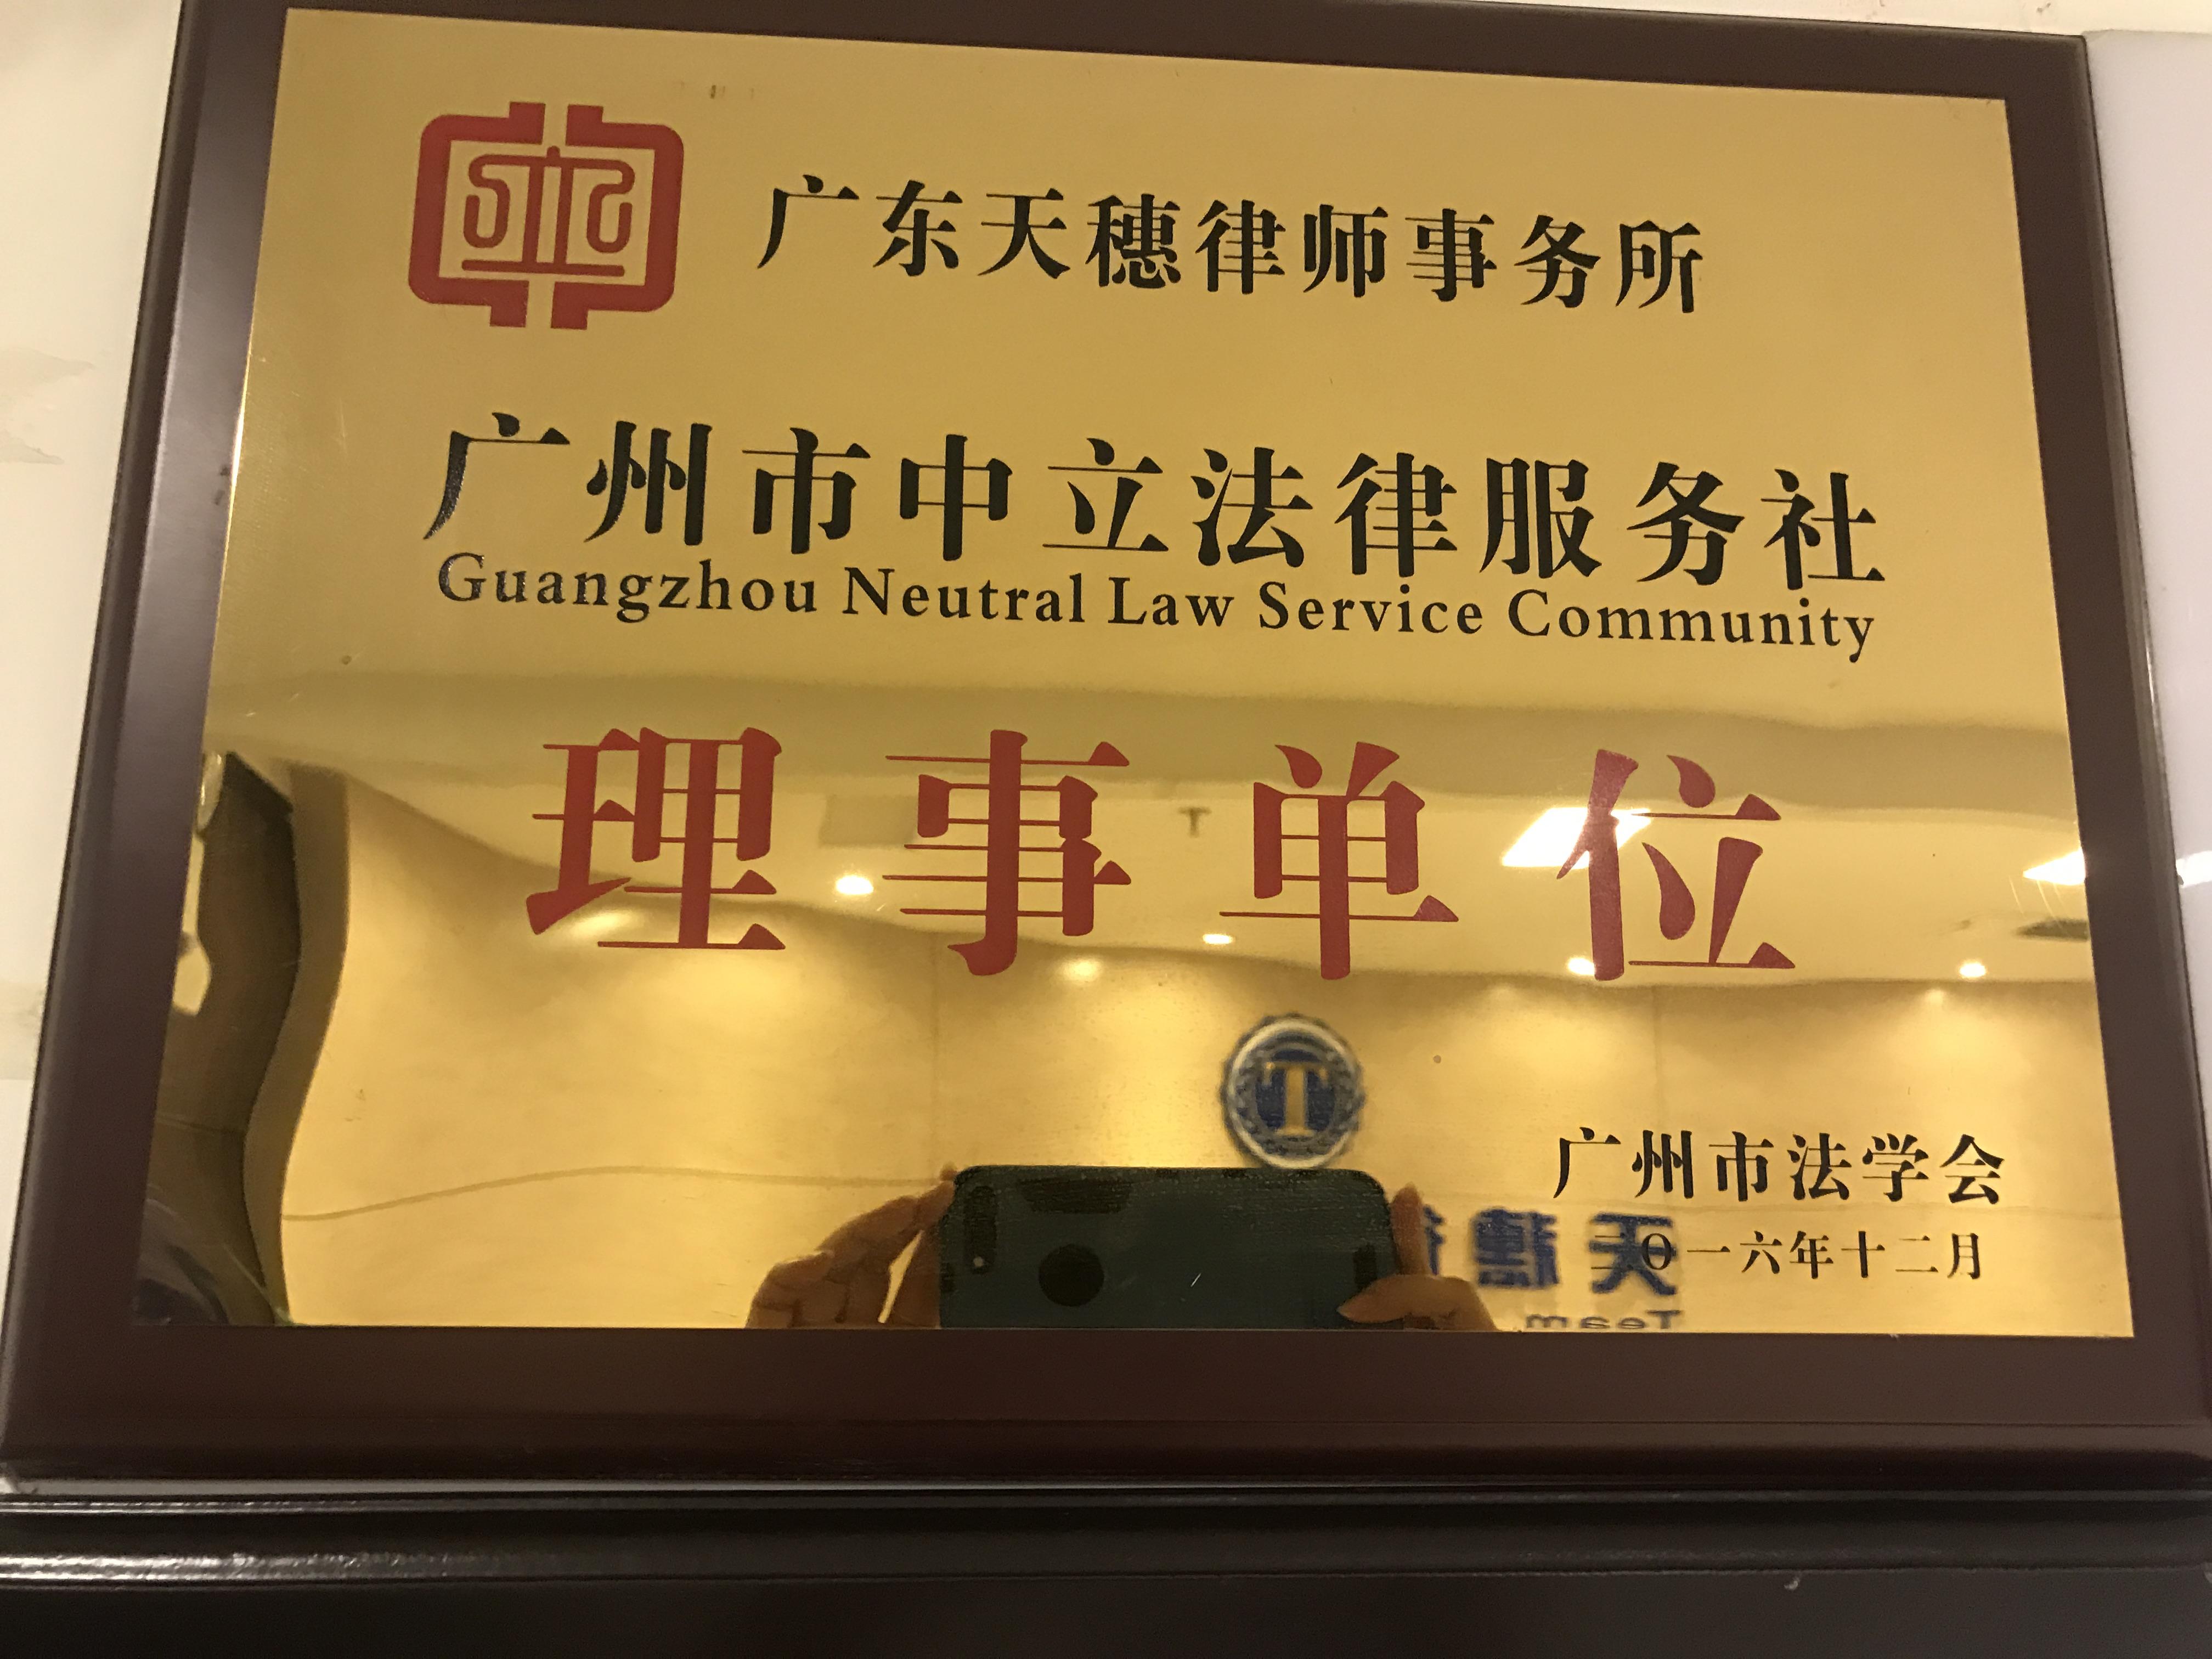 成为广州市中立法律服务社理事单位